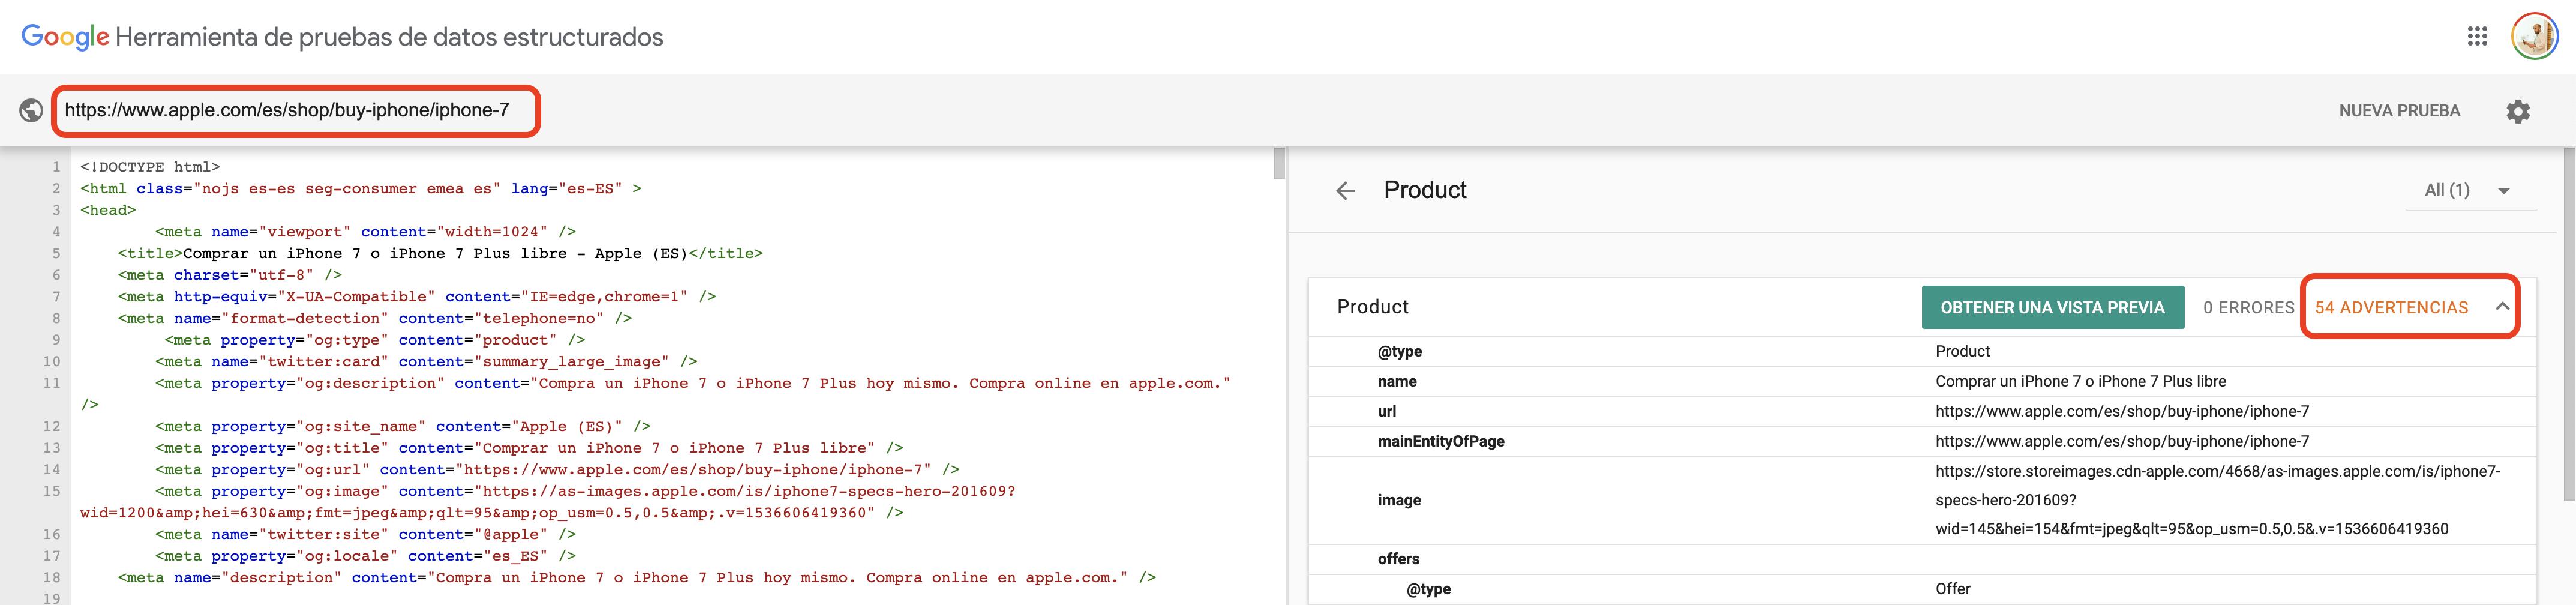 Datos estructurados incorrectos - Apple